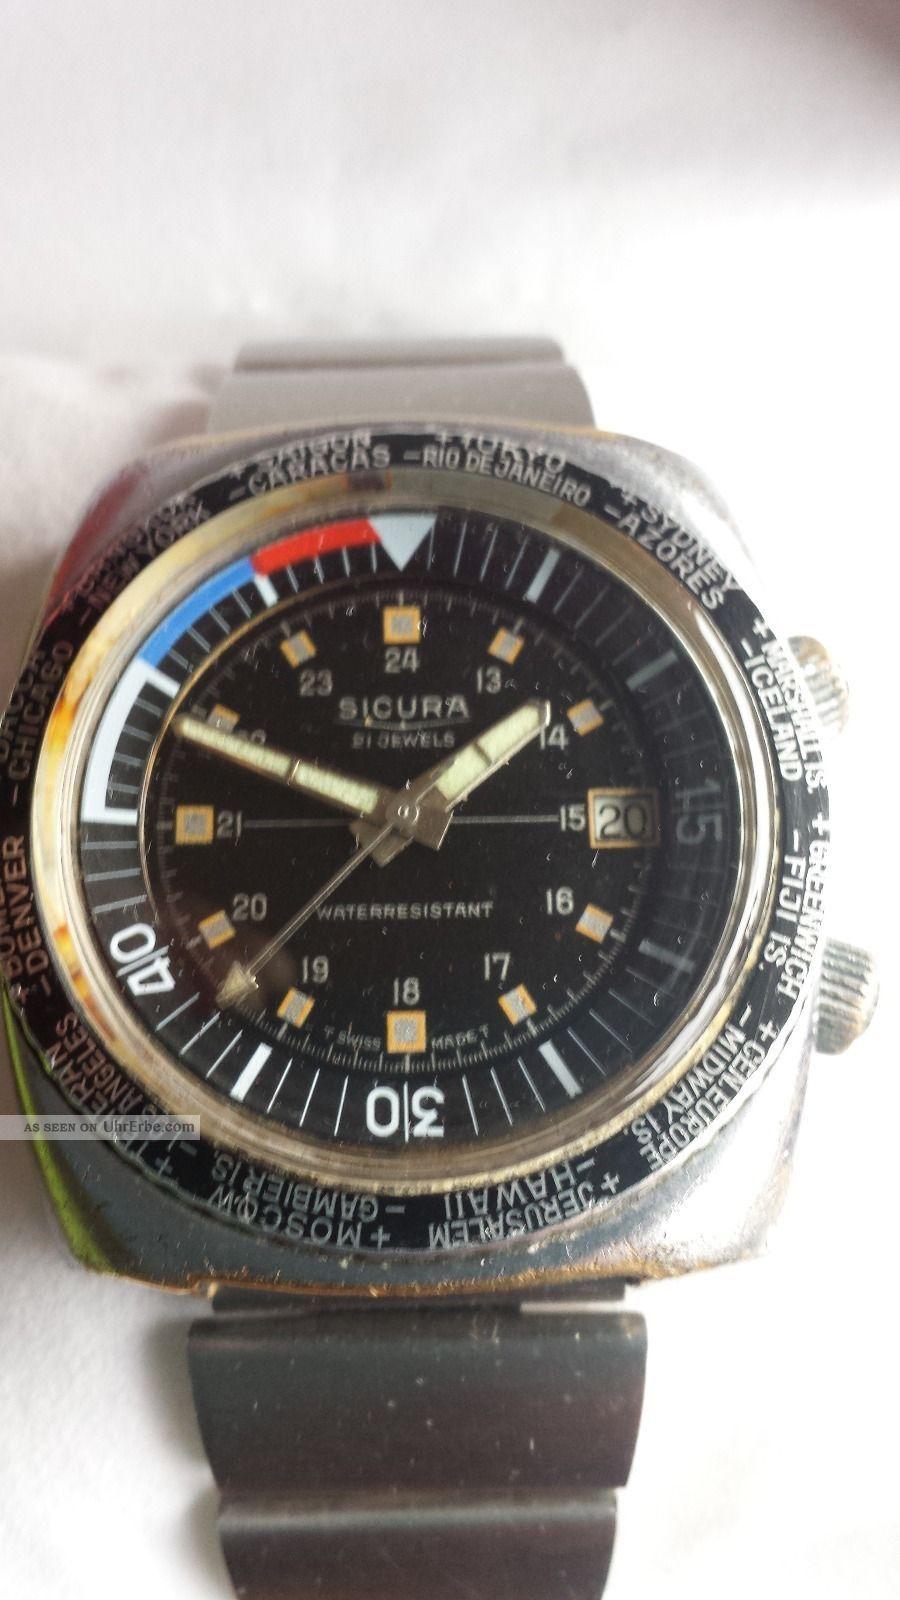 Sicura (breitling) Gmt Mit Kalender 21 Jewels Aus Den 60 - 70 Er Jahren Armbanduhren Bild